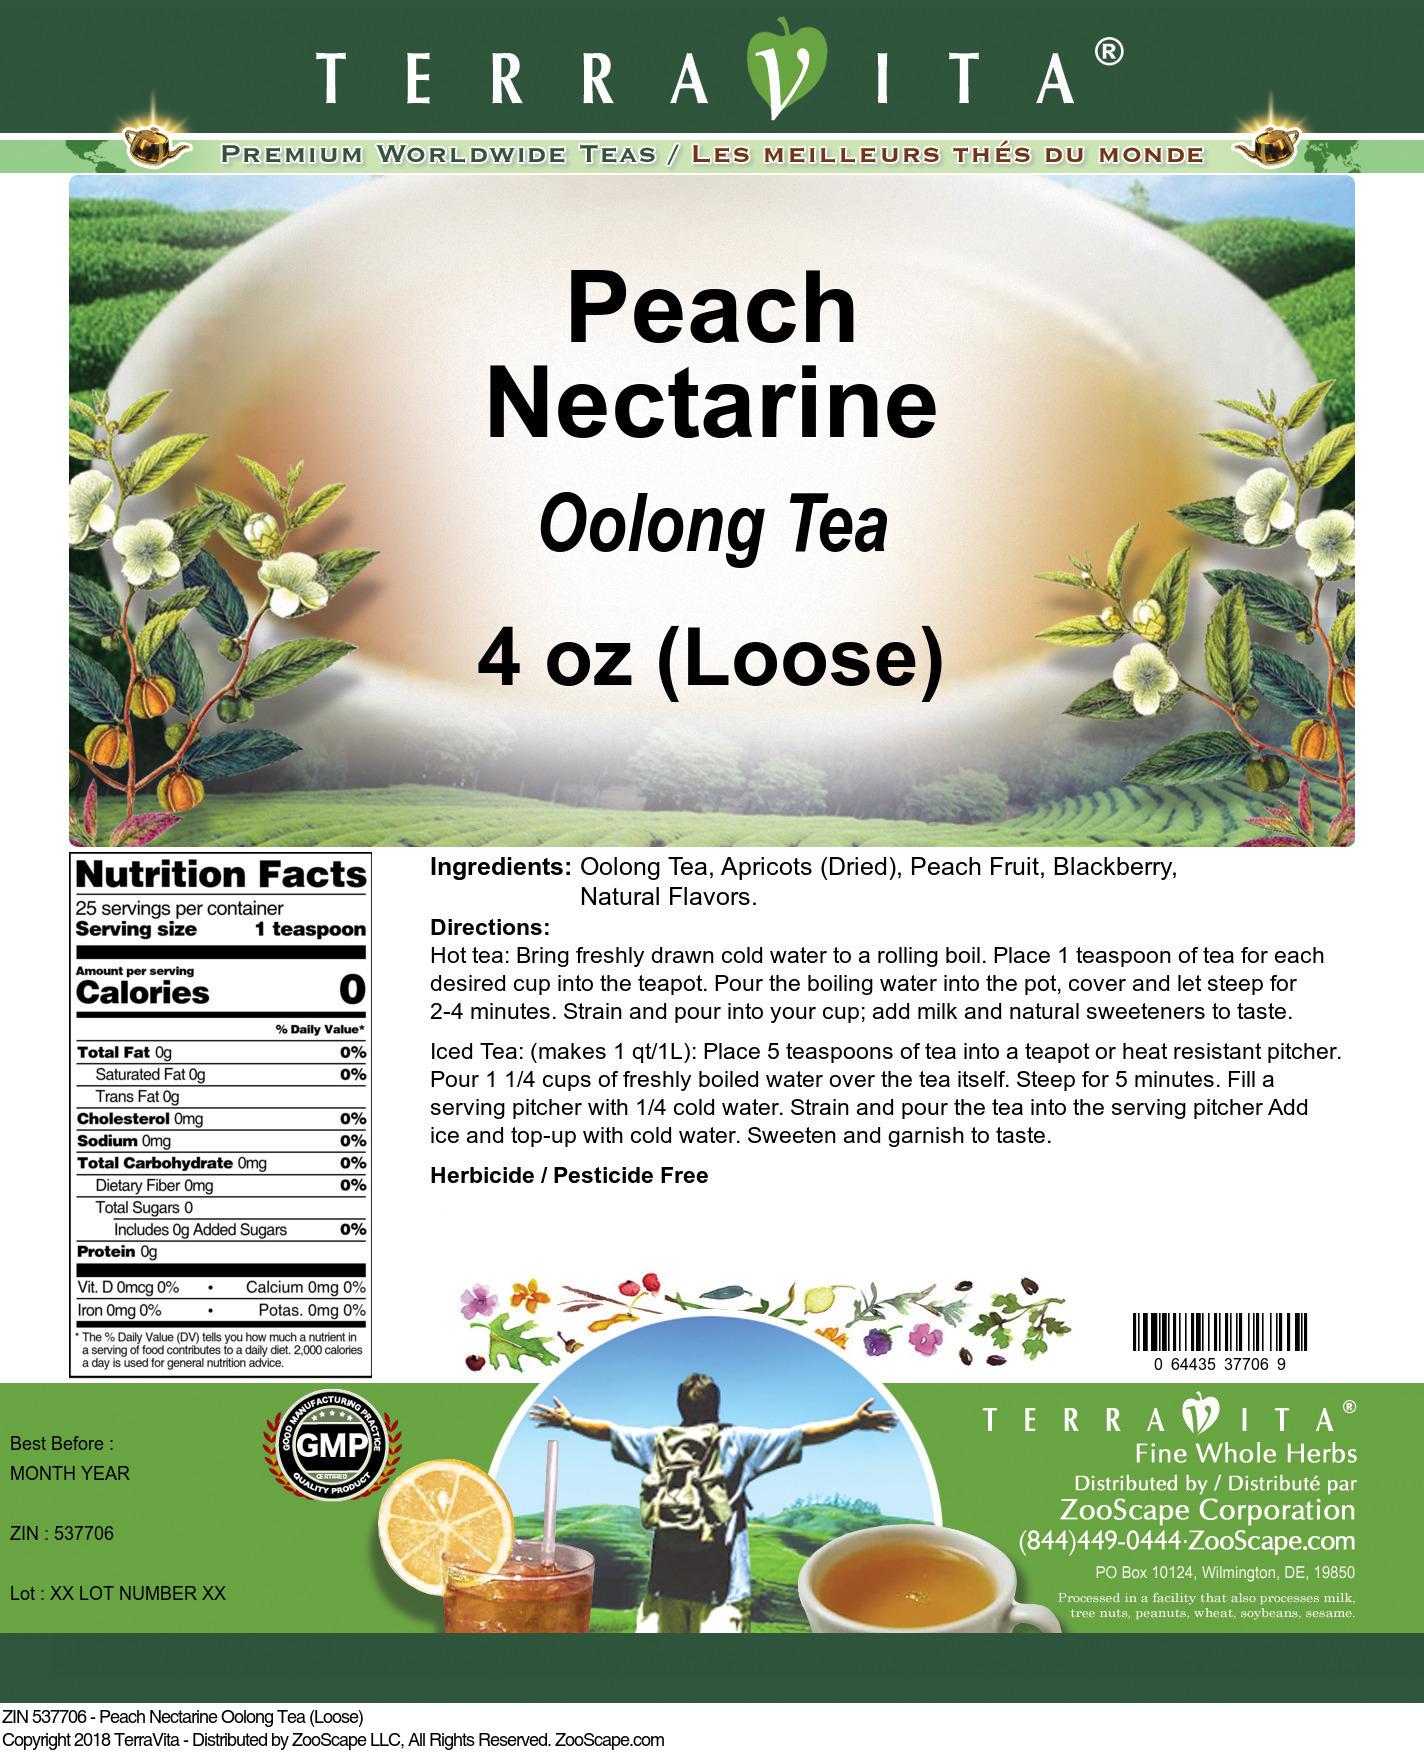 Peach Nectarine Oolong Tea